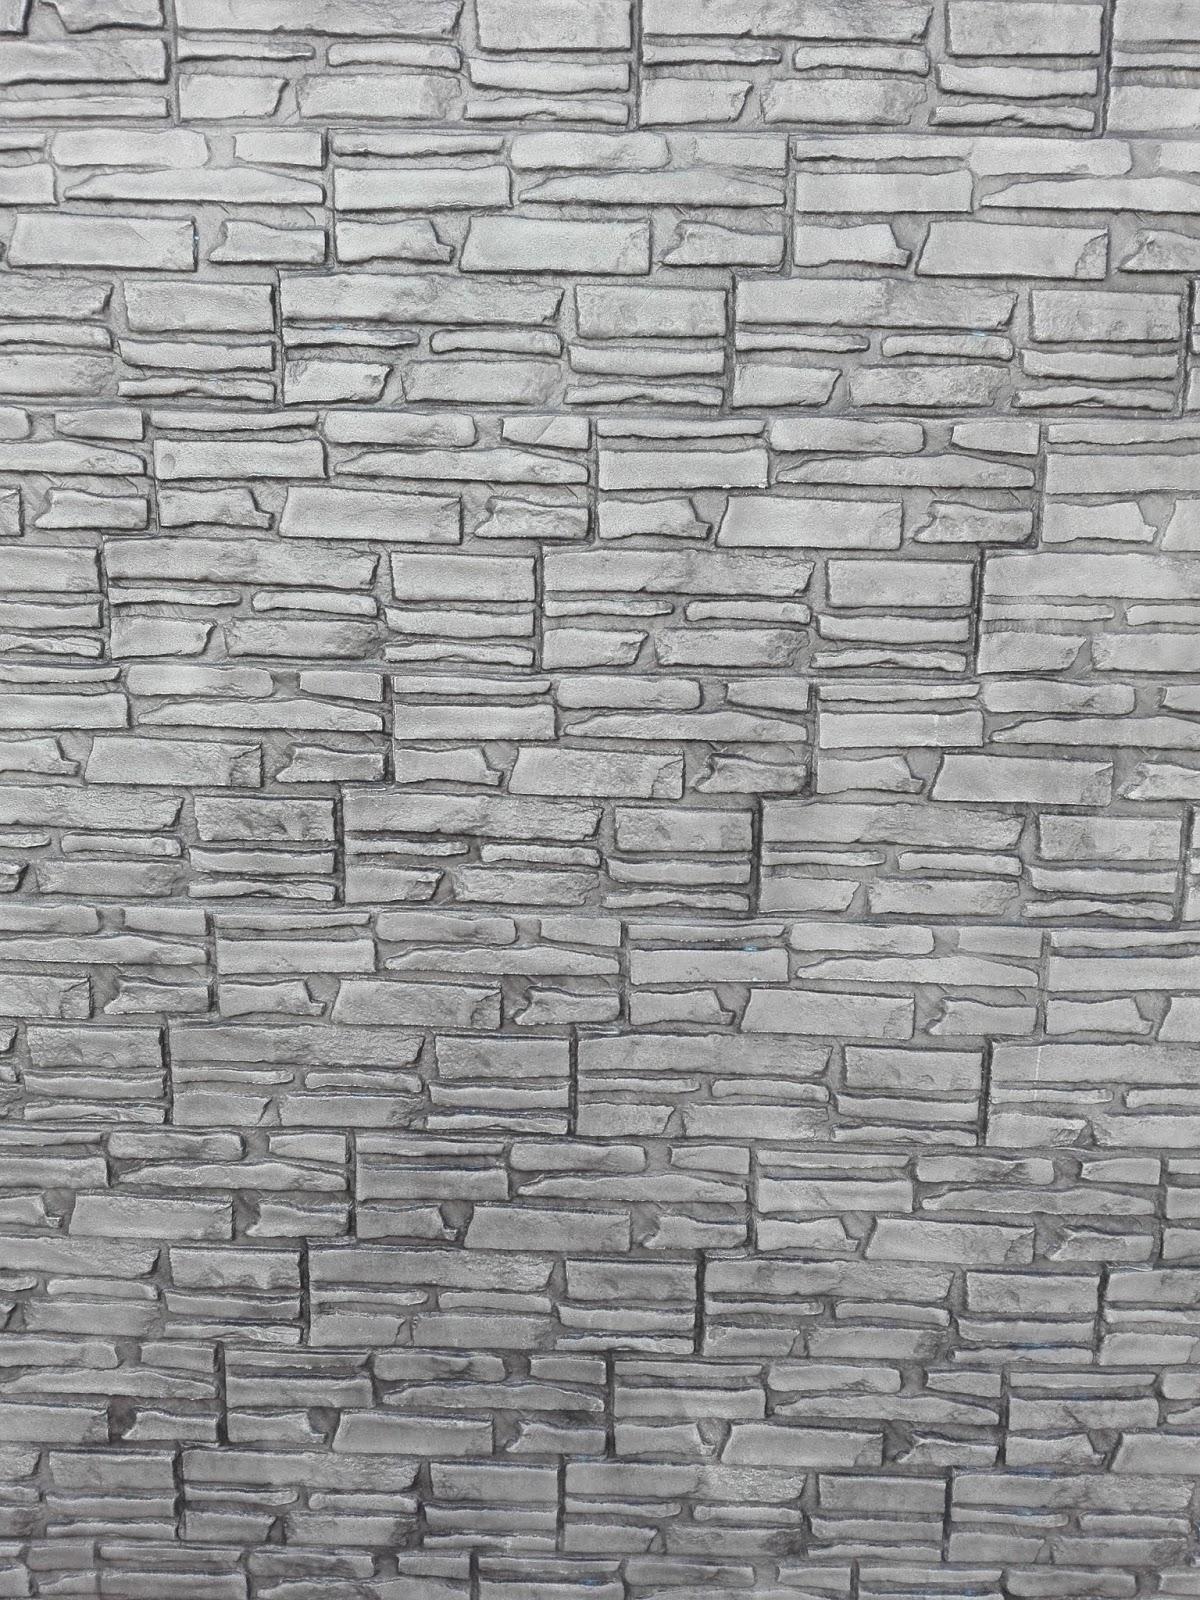 gaviones decorativos para el jard n y jardiner a awesome en mortero exteriores con acabado impermeable y varios decorativo  para acabados lisos o with muros decorativos para exteriores.